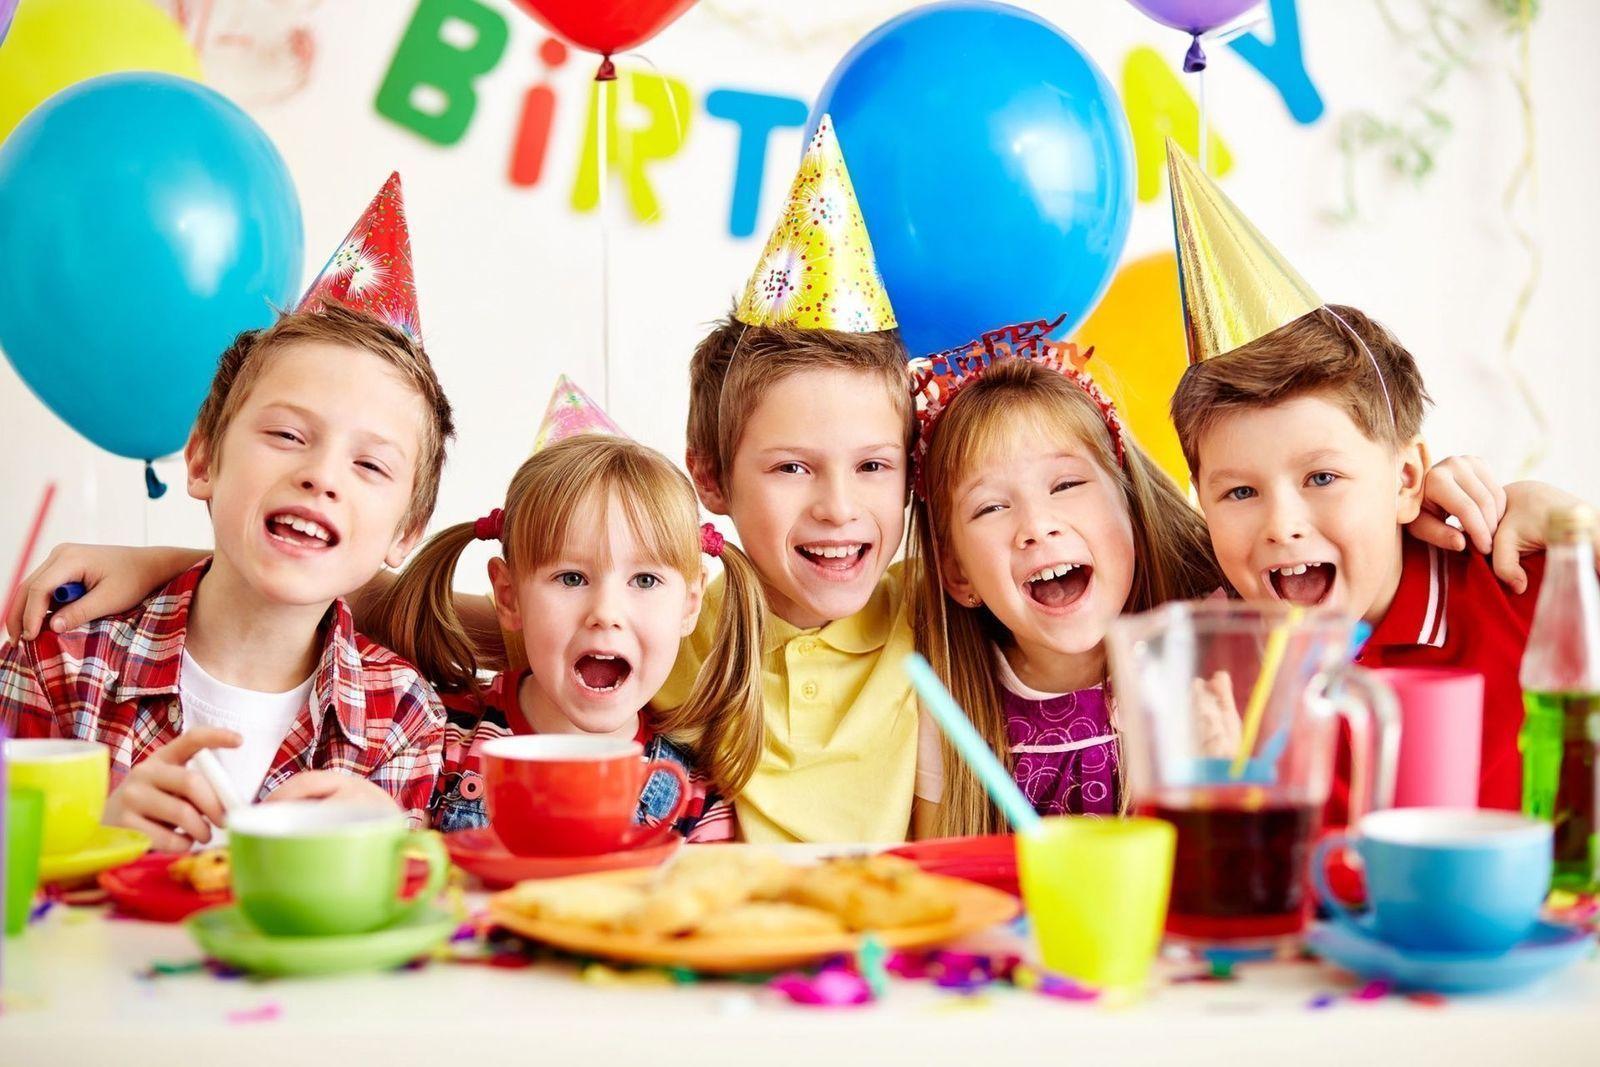 чем занять гостей на день рождения займы онлайн на карту без проверок срочно круглосуточно по всей россии